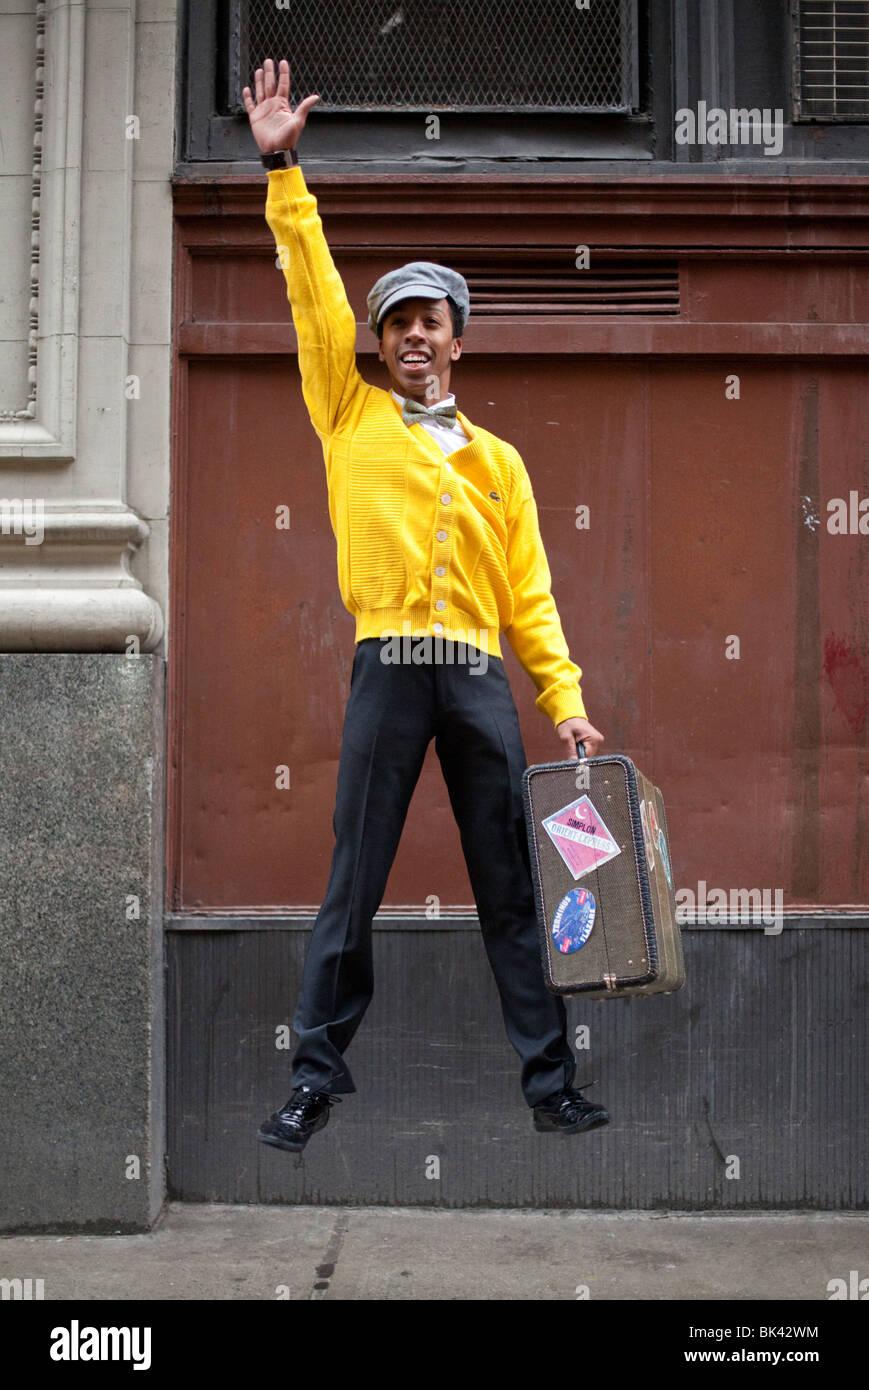 Ein Model-Release Porträt von einem hip, stylish, junge afroamerikanische Mann springt mit einem Retro-Koffer in Stockfoto